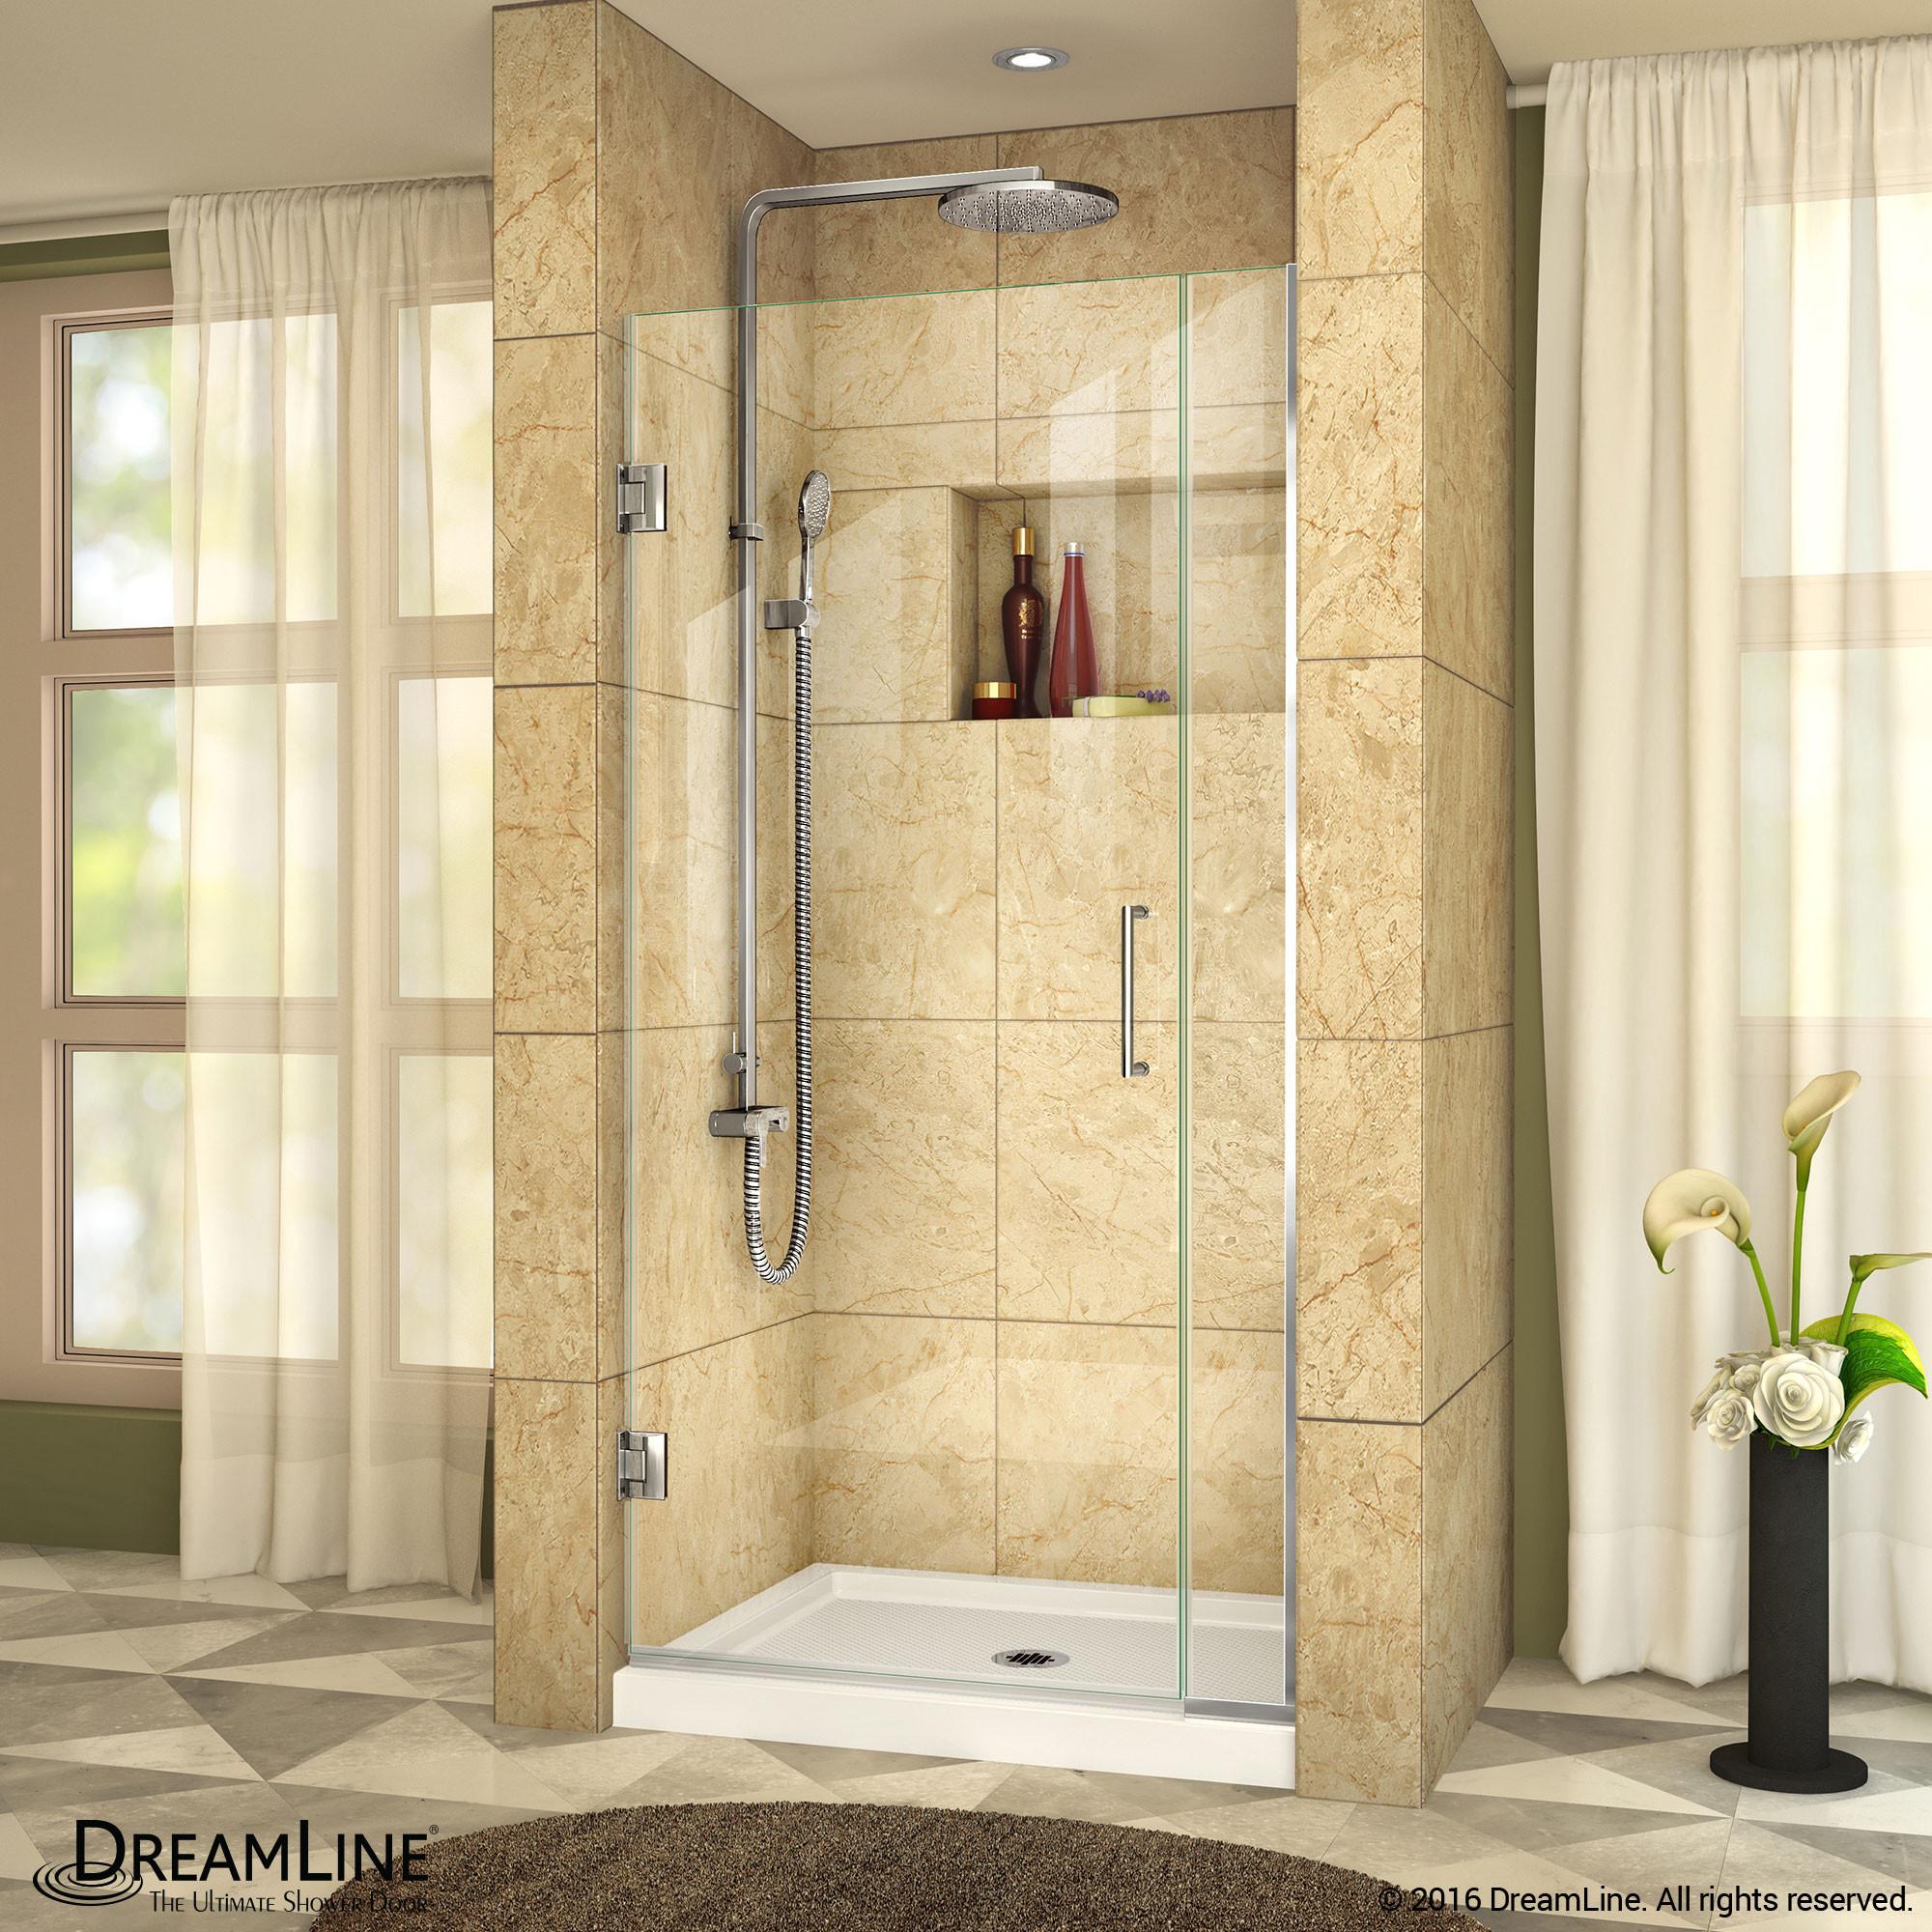 DreamLine SHDR-242957210-01 Unidoor Plus Min 29-1/2 in. Hinged Shower Door In Chrome Hardware